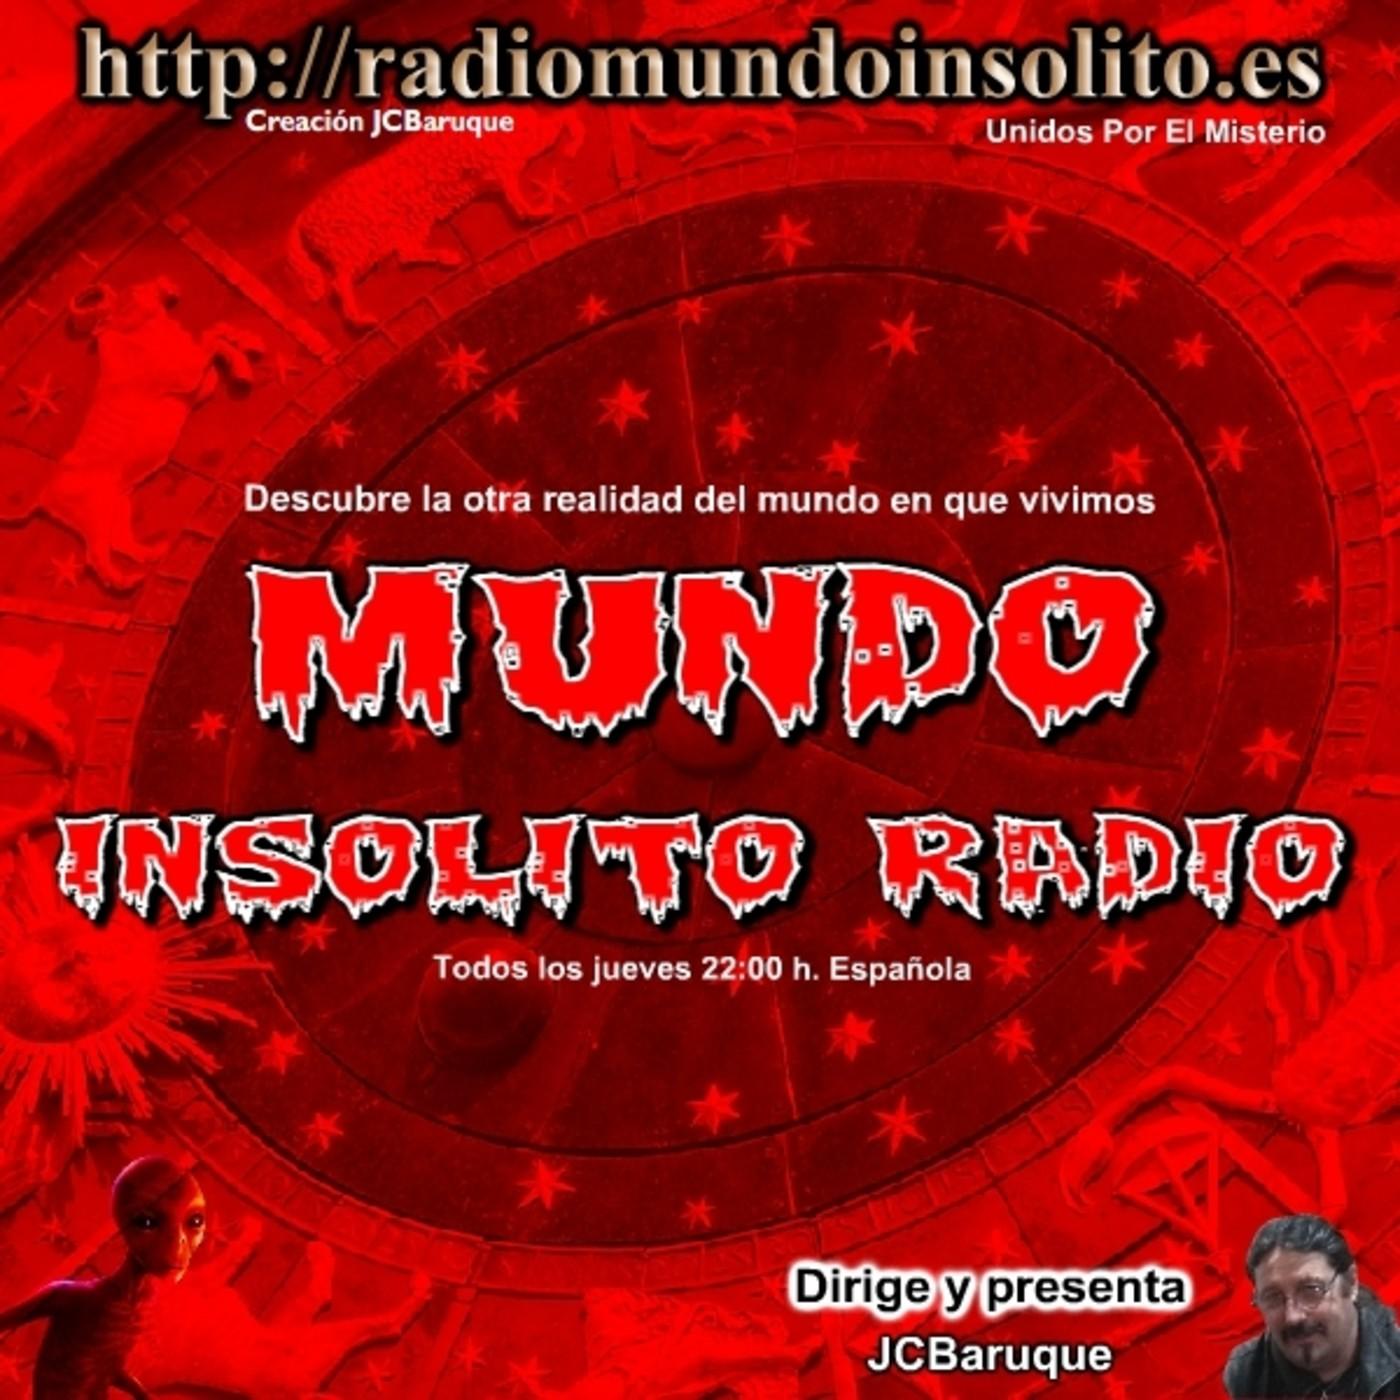 130/4. Conspiración youtube. El Montecristo español. Numerología ...